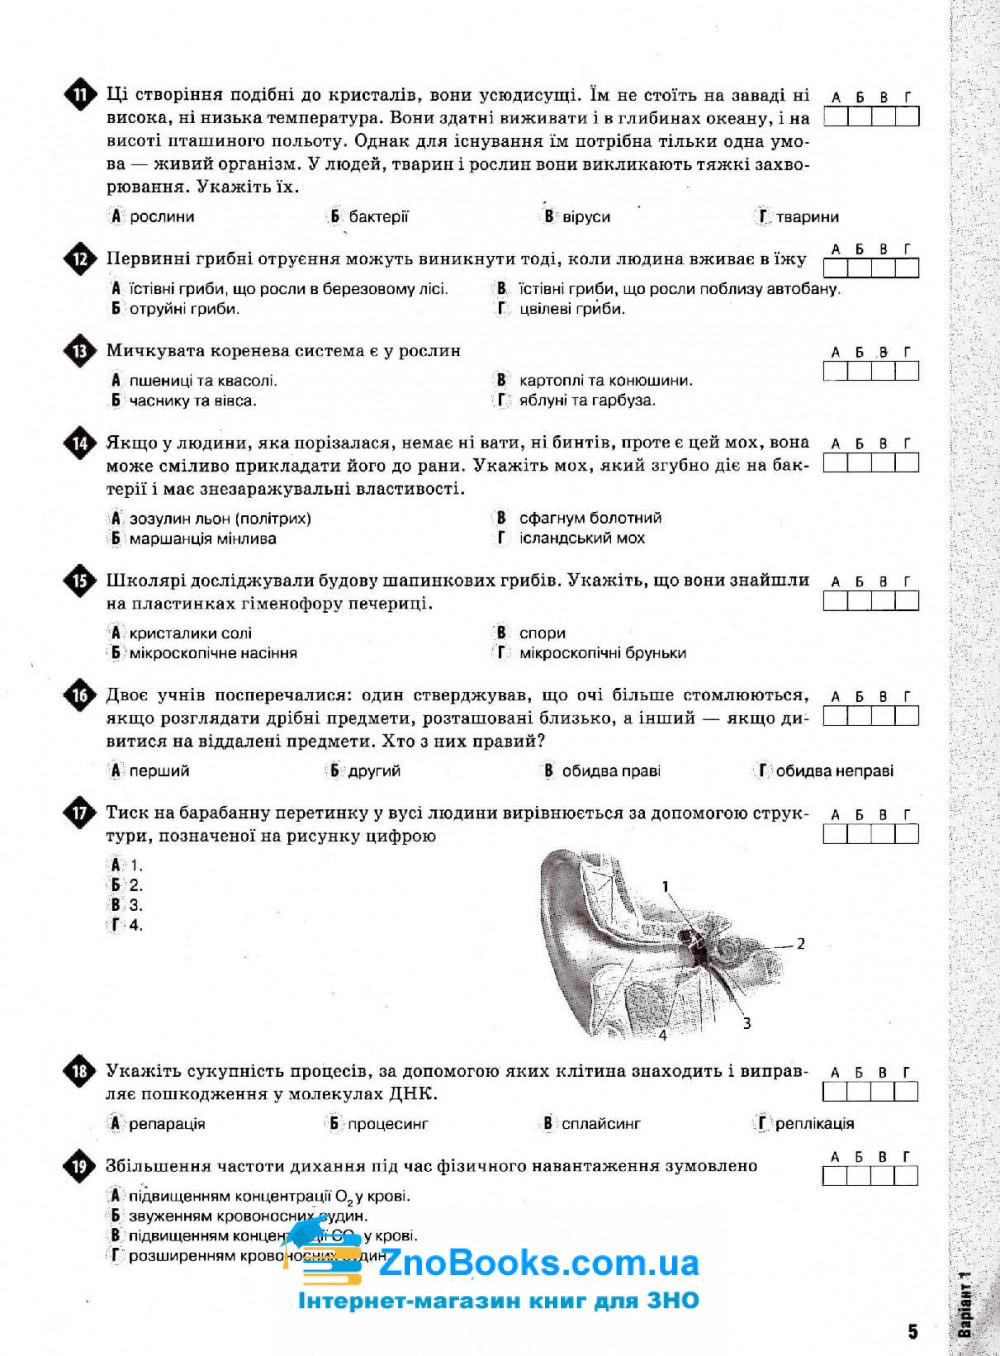 Біологія Сліпчук І. Тести до ЗНО 2021. Освіта купити 5